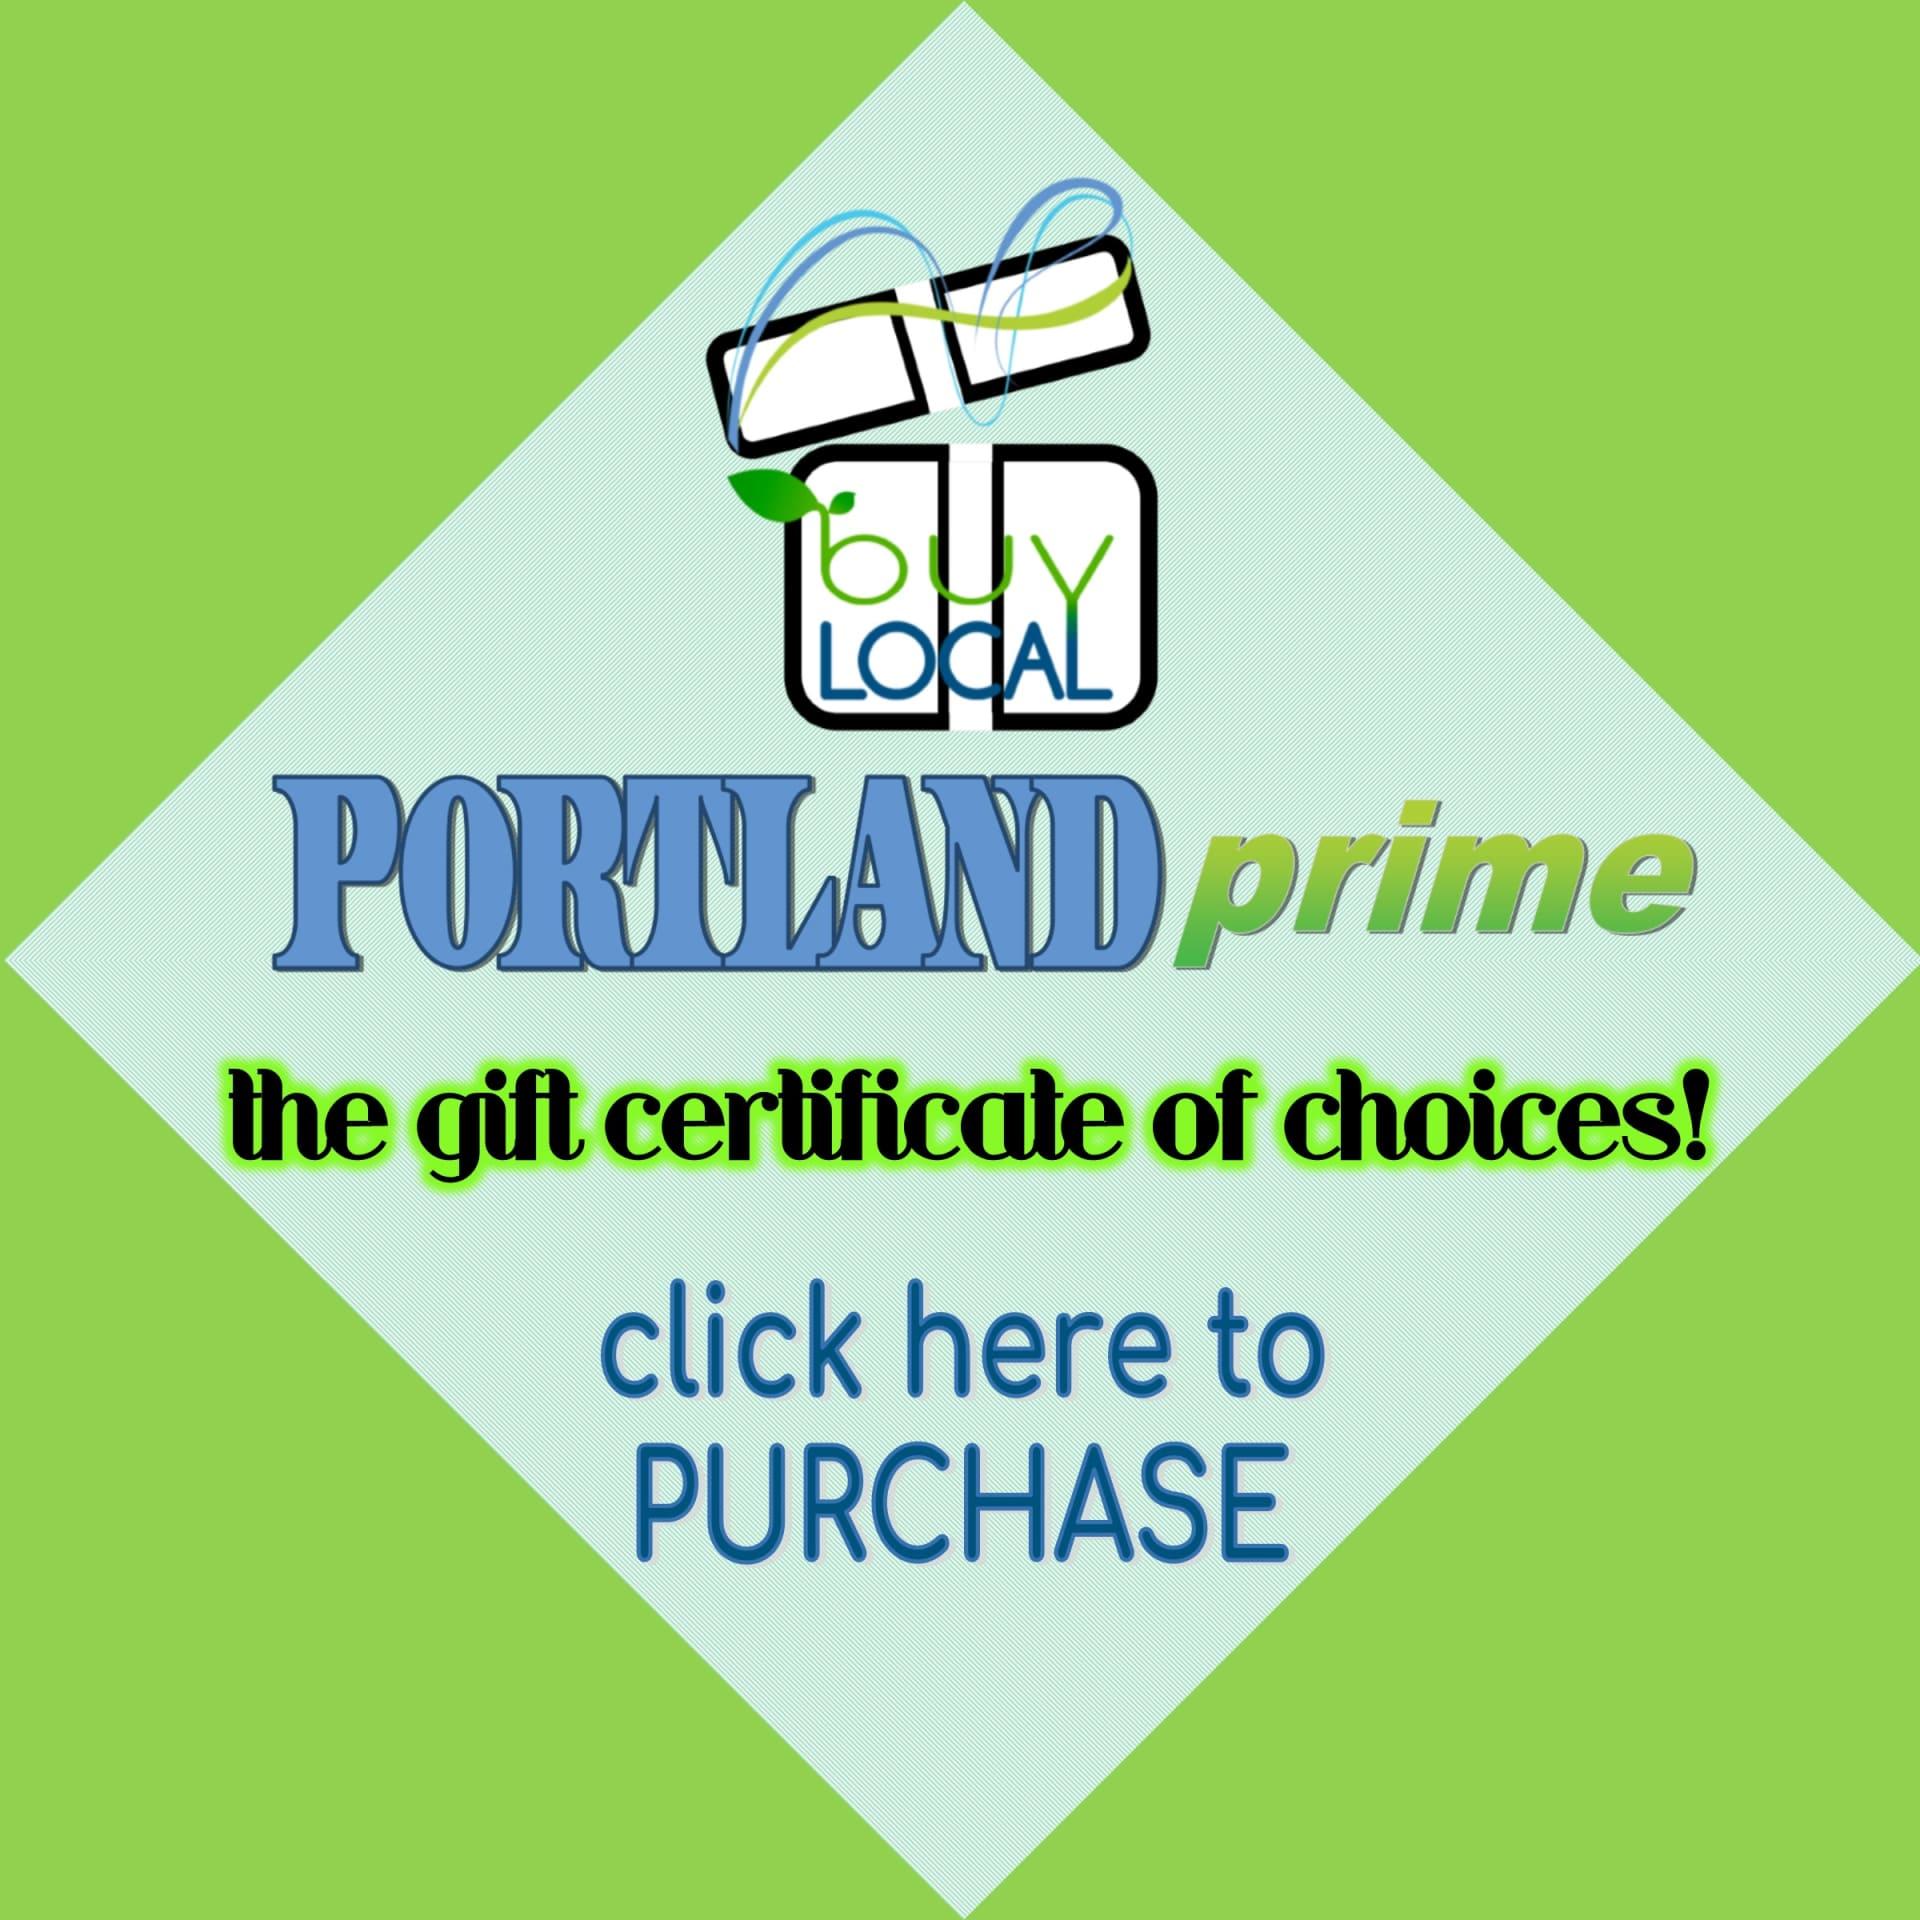 Portland-MI-Gift-Certificate.jpg